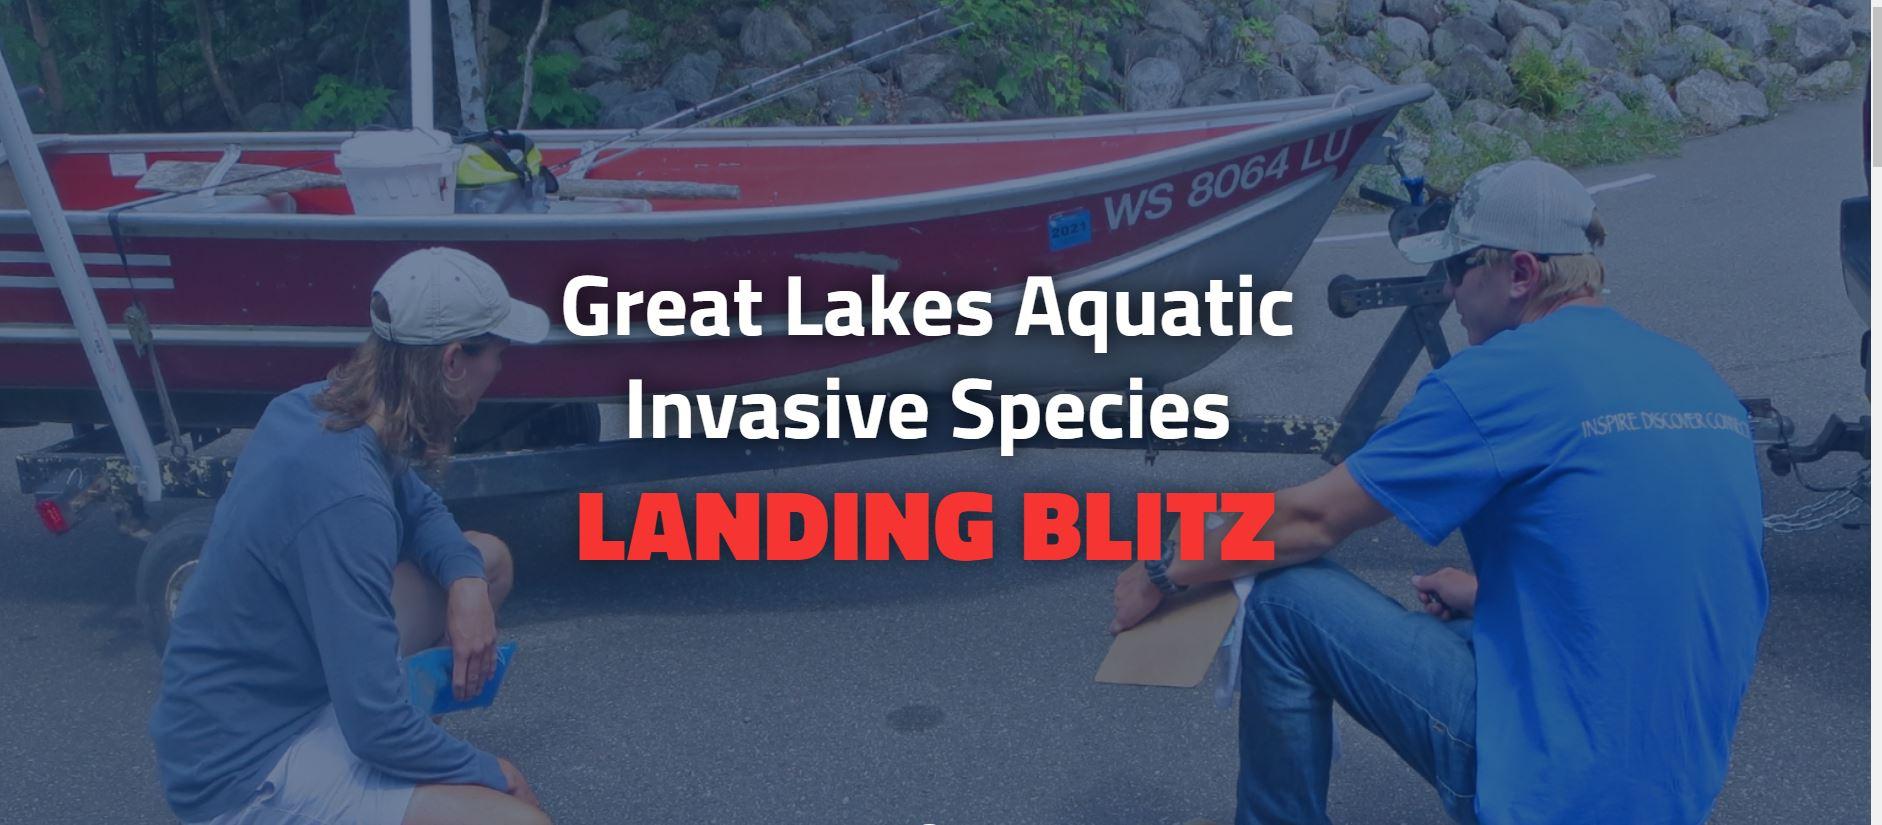 AIS Landing Blitz promotional photo